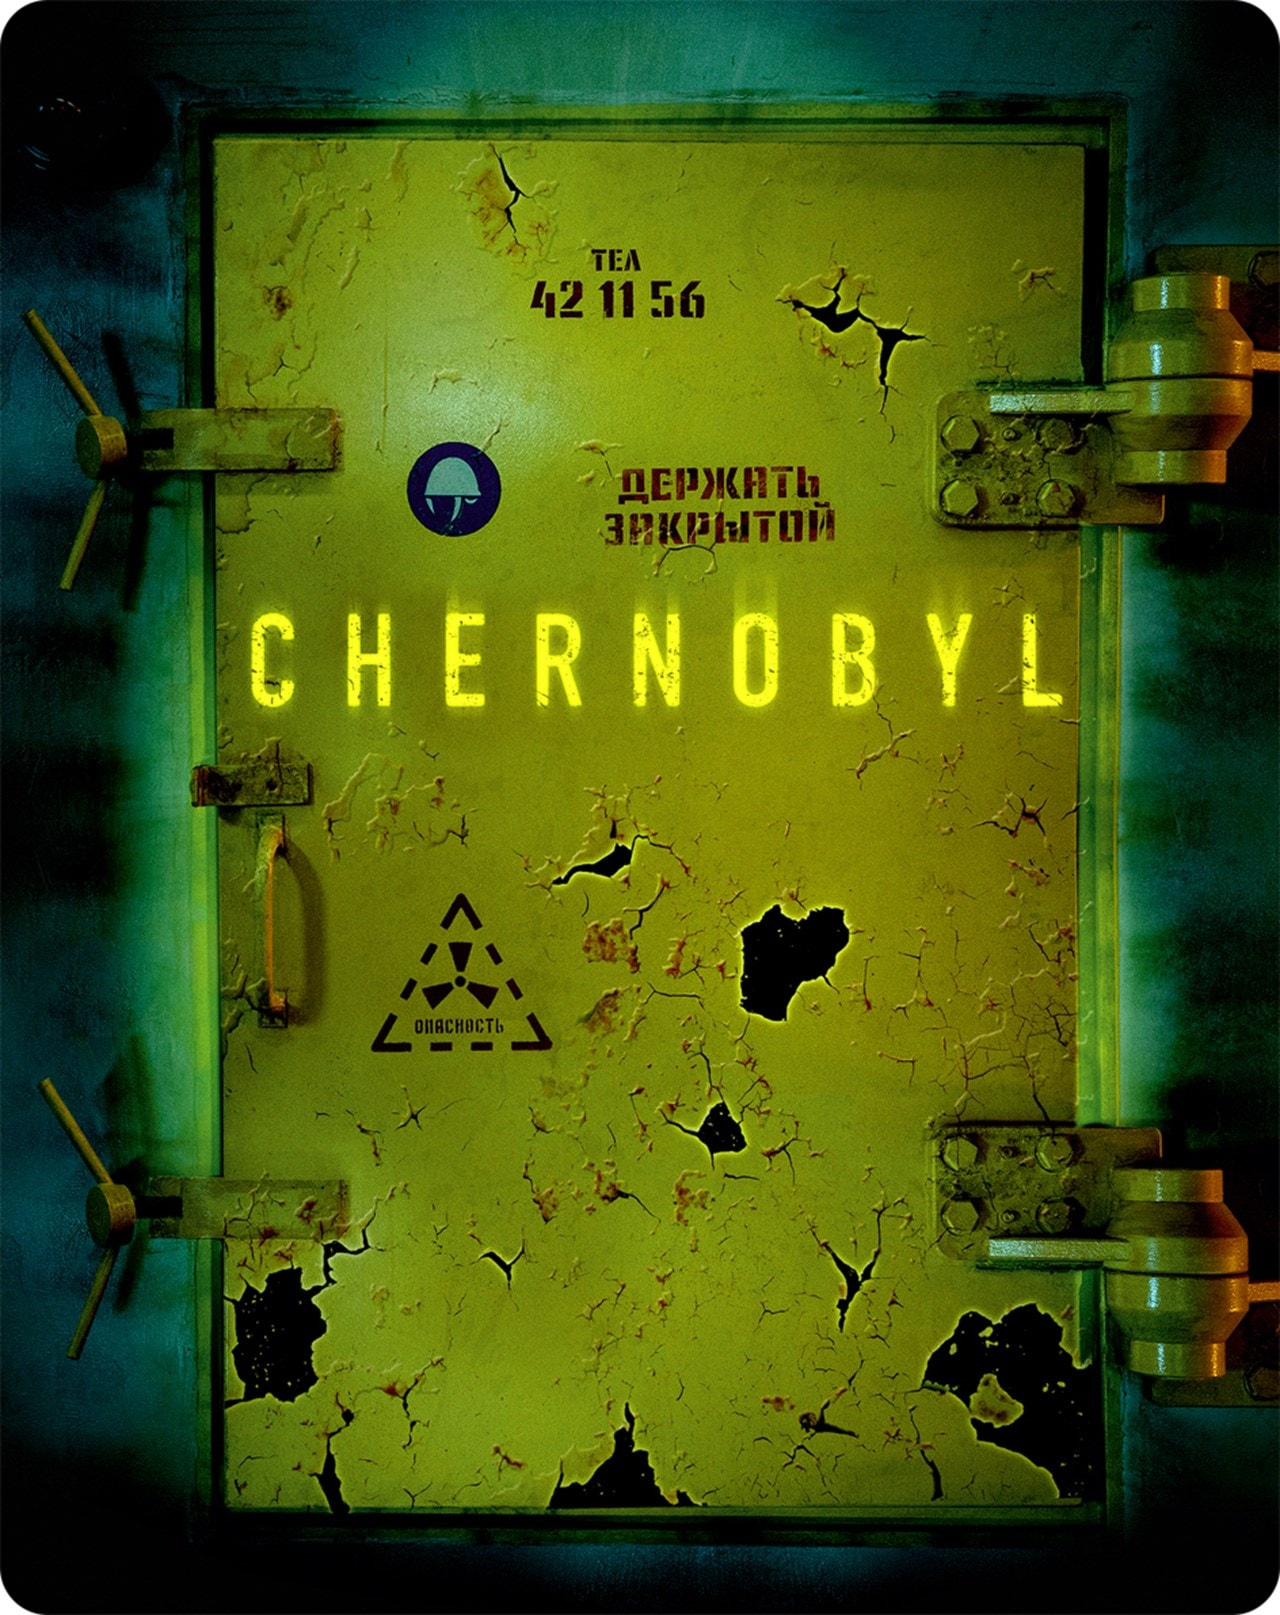 Chernobyl - 1